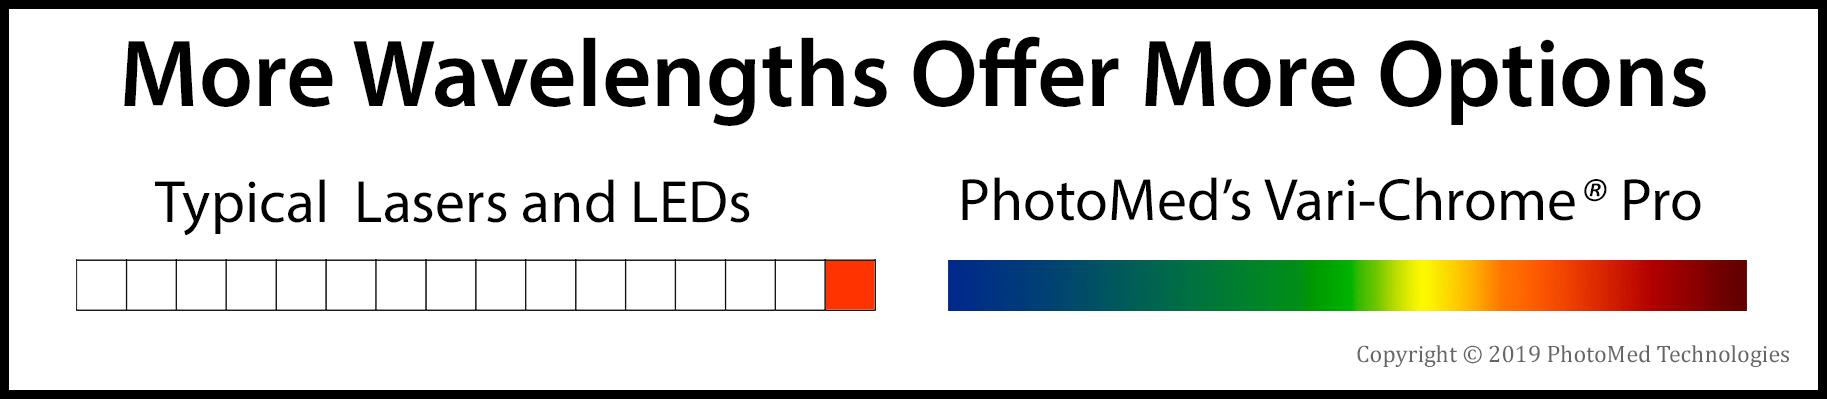 MoreWavelengths.png